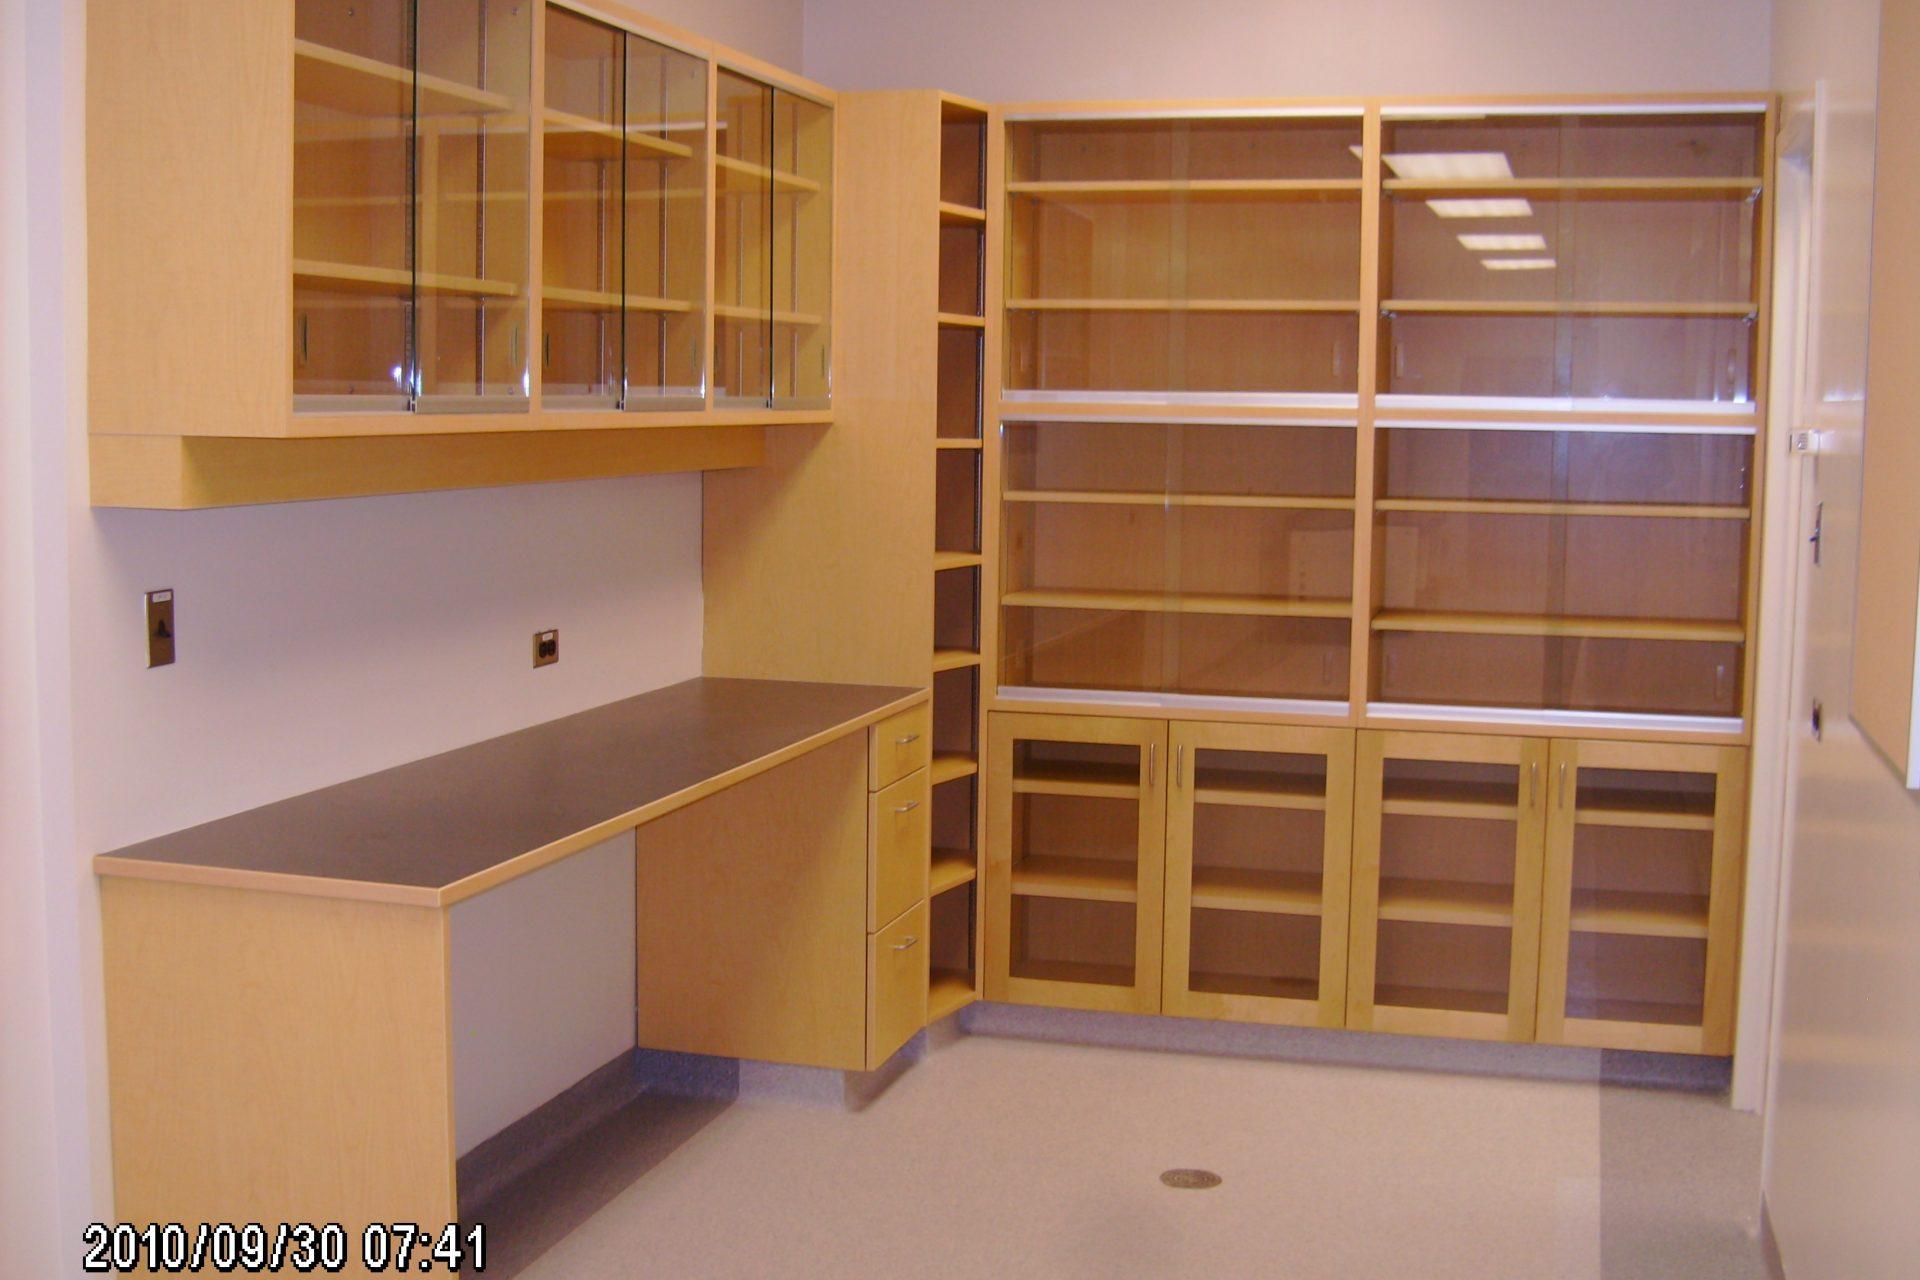 University of Manitoba Anatomy Lab 5